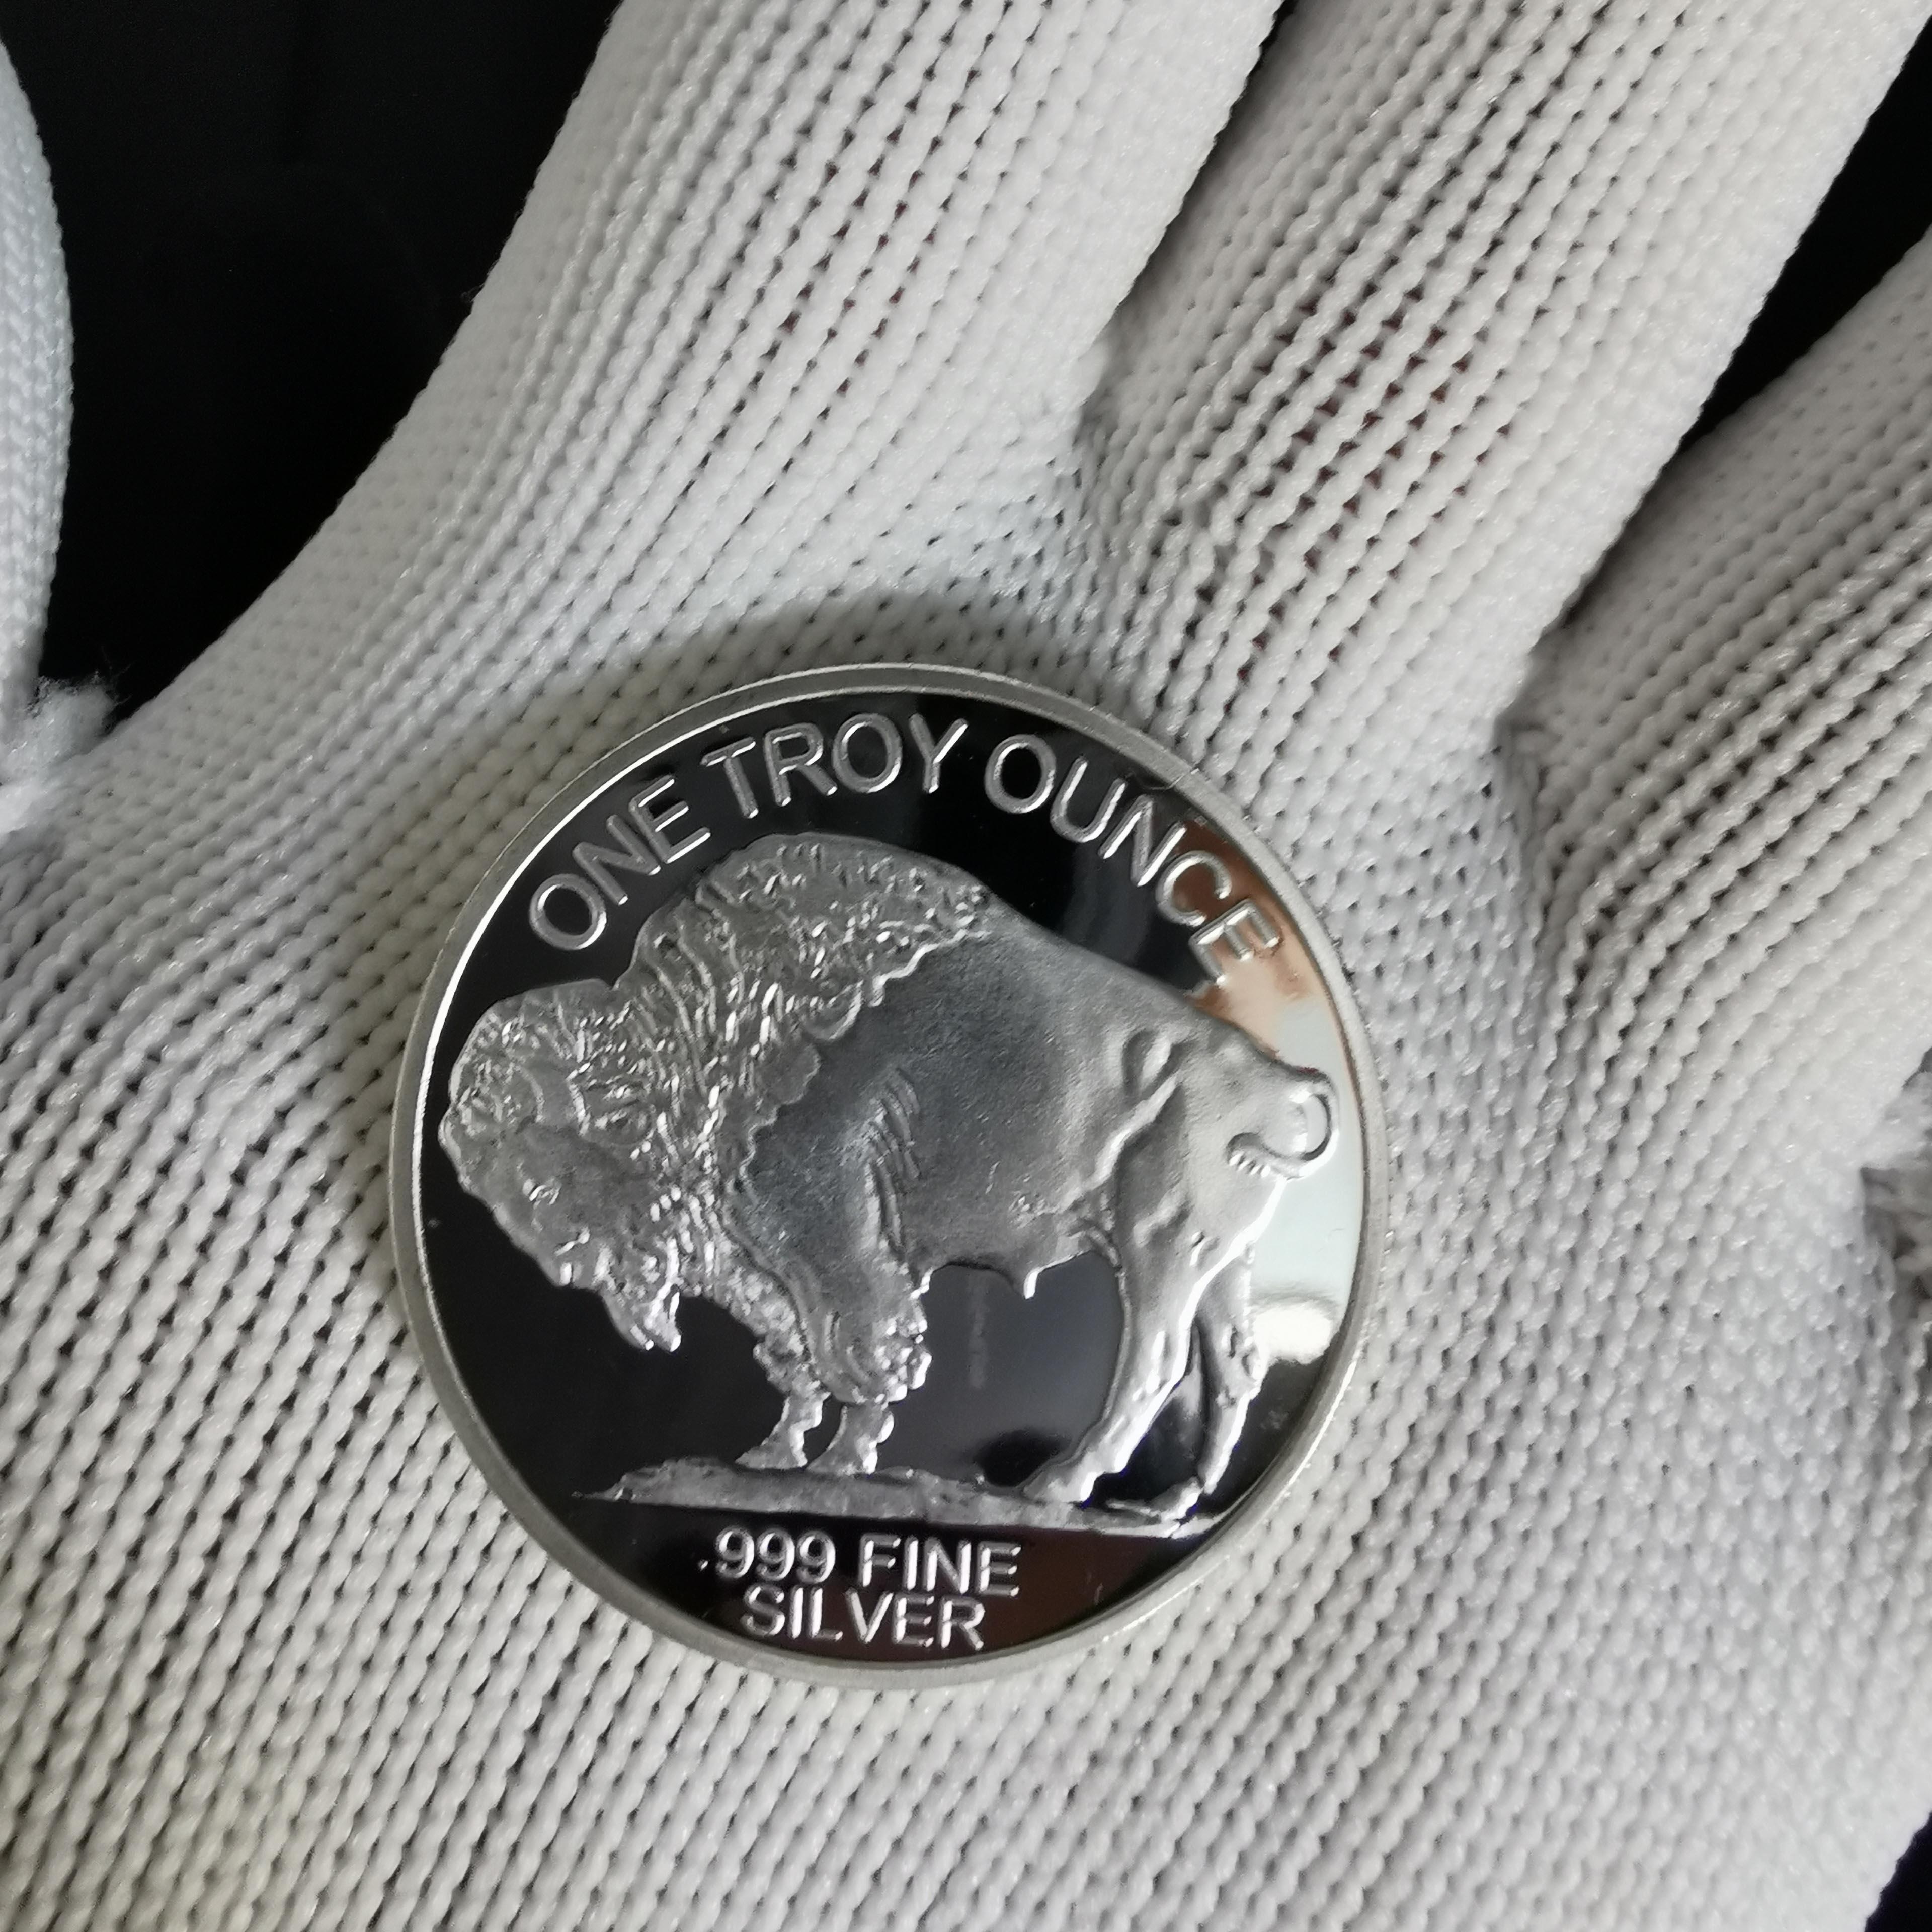 Немагнитные Юбилейные Монеты США, 1 унция, серебро 999 пробы, 2015, свобода, индийский/буйвол, вызов, коллекционные сувенирные подарки